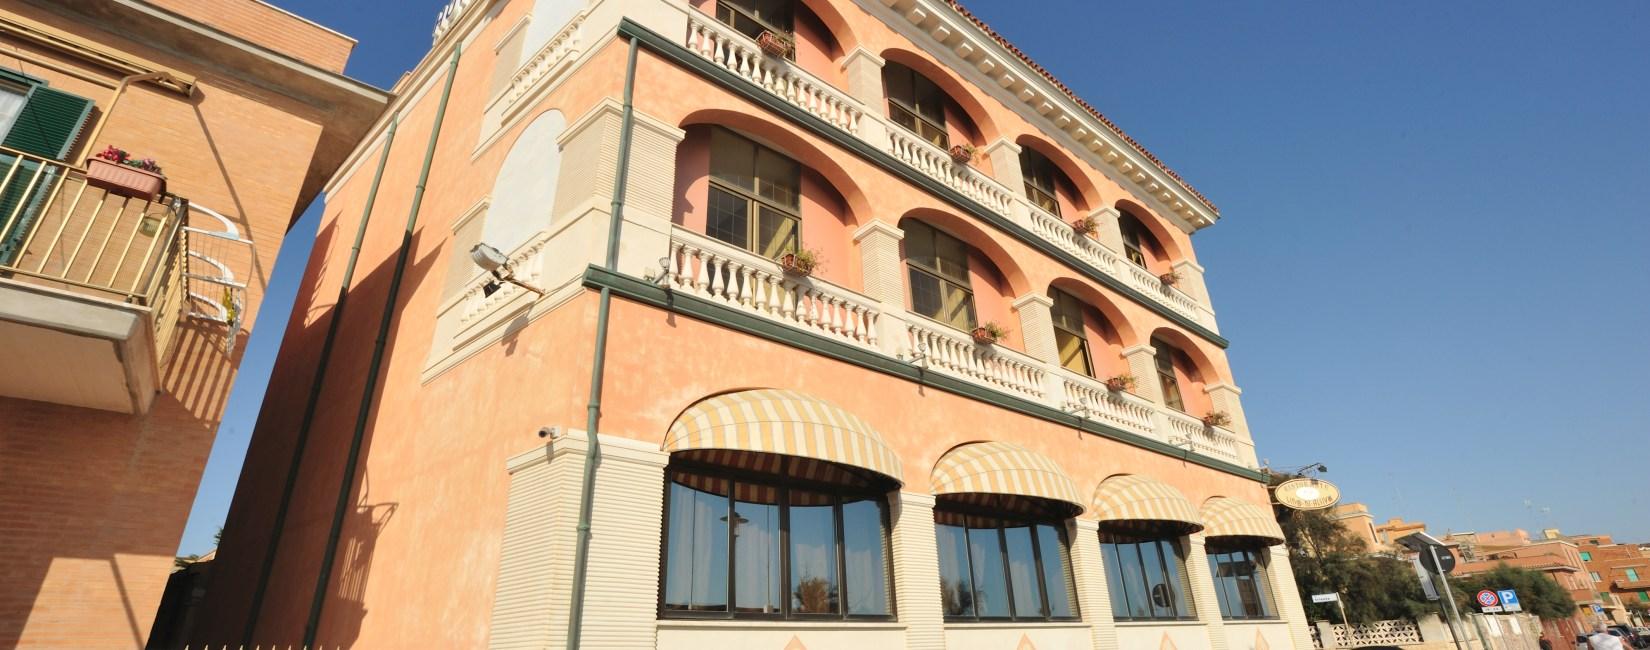 L'Hotel Miramare